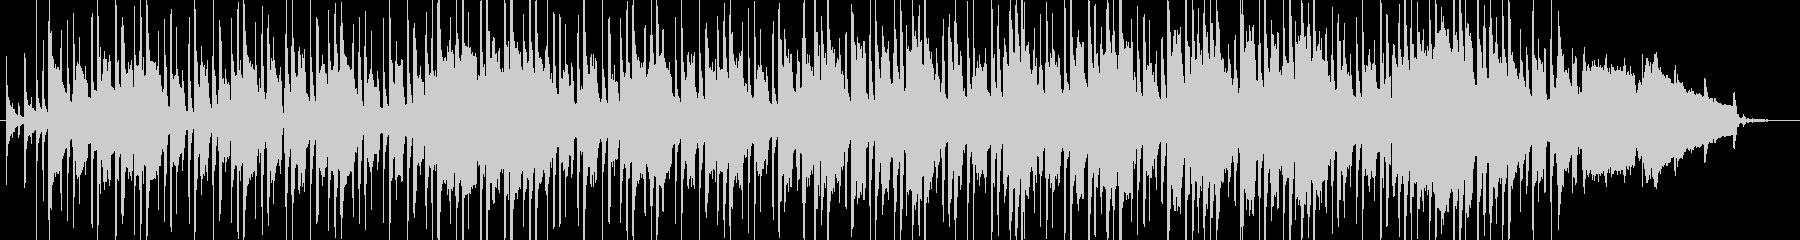 バサノバ ほのぼの 幸せ ゆっくり...の未再生の波形